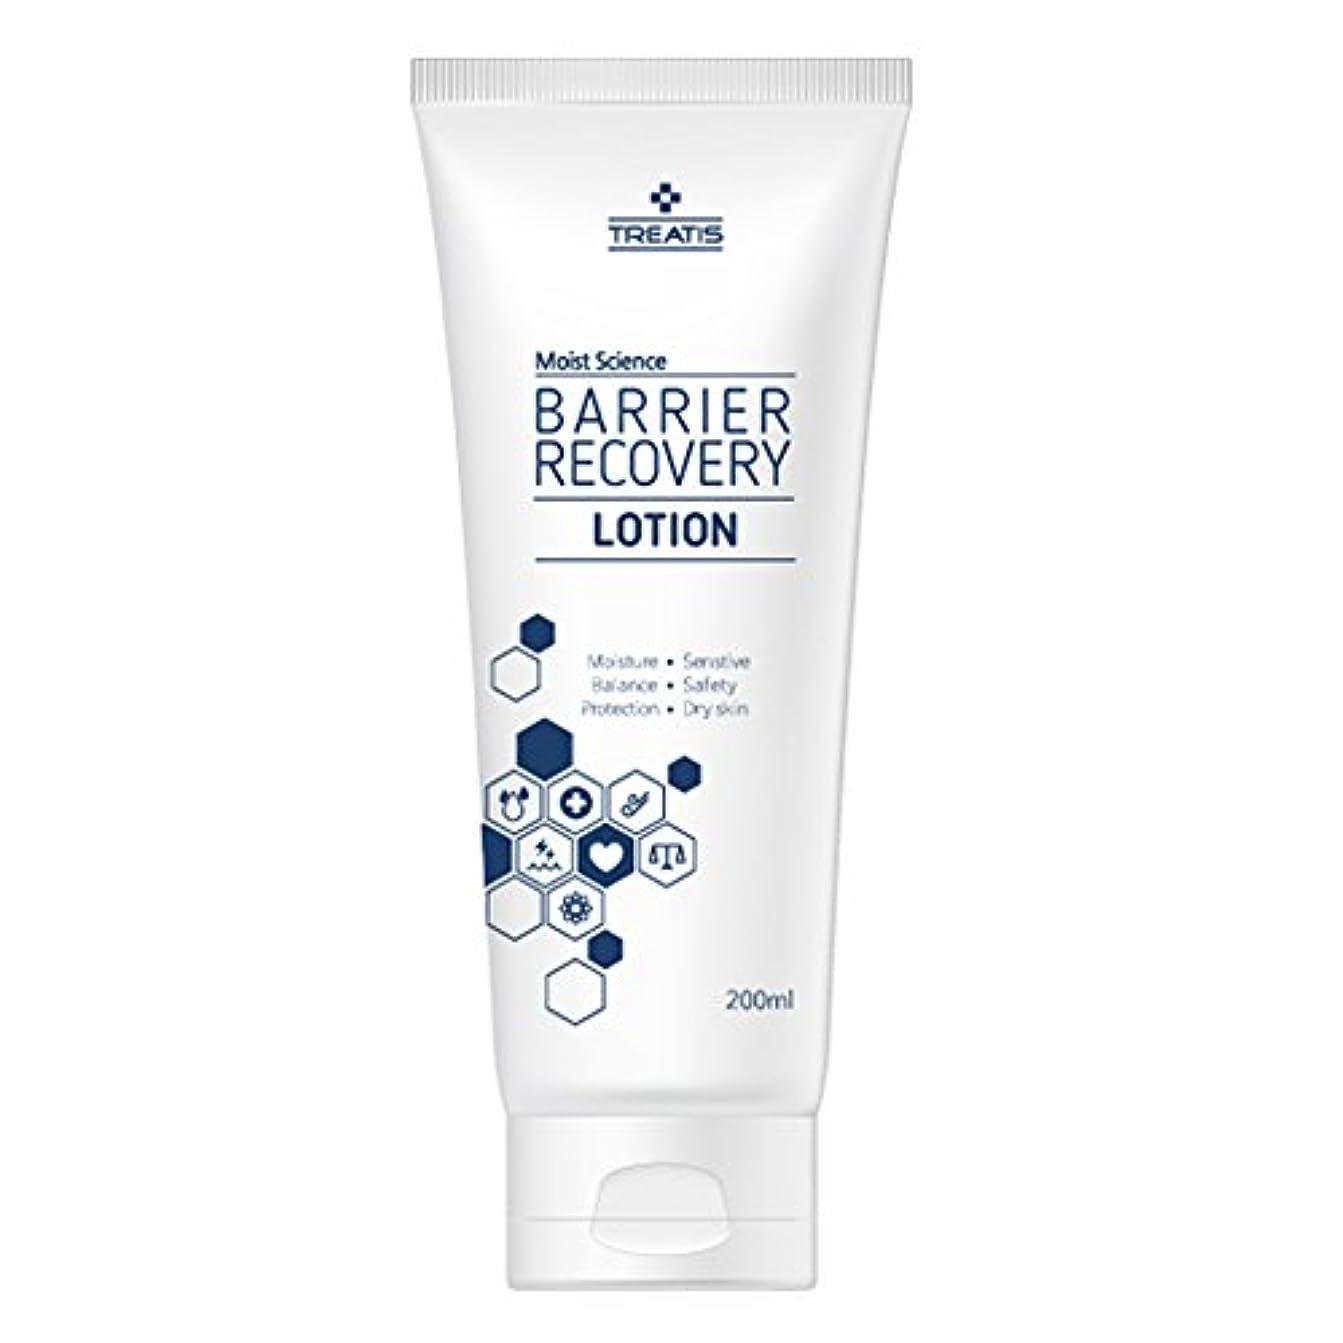 シンカン耐久有毒なTreatis barrier recovery lotion 7oz (200ml)/Moisture, Senstive, Balance, Safty, Protection, Dry skin [並行輸入品]